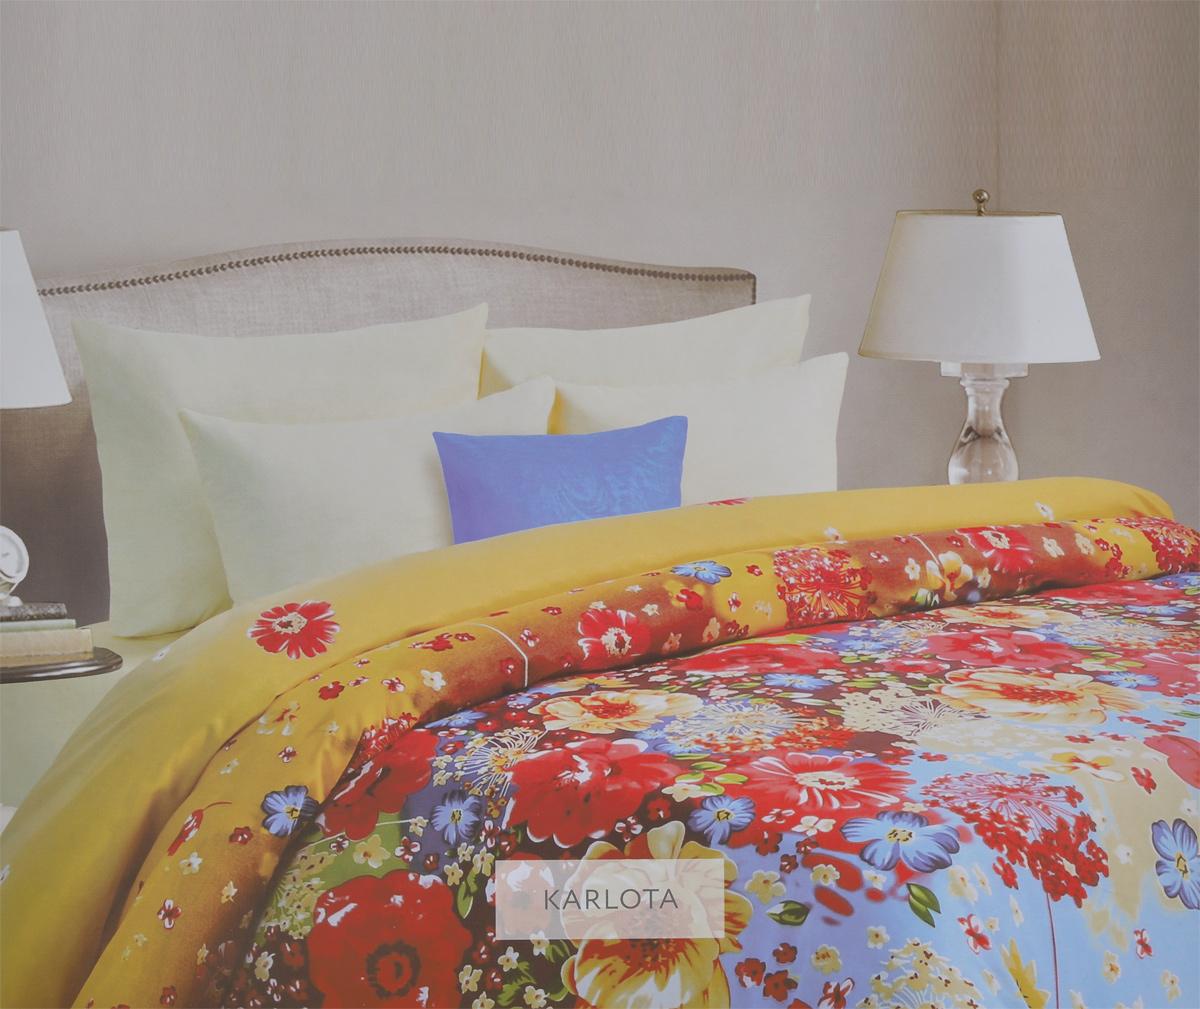 Комплект белья Mona Liza Karlota, 1,5-спальный, наволочки 50х70. 561116/5561116/5Комплект белья Mona Liza Karlota, выполненный из батиста (100% хлопок), состоит из пододеяльника, простыни и двух наволочек. Изделия оформлены ярким цветочным рисунком. Батист - тонкая, легкая натуральная ткань полотняного переплетения. Батист, несомненно, является одной из самых аристократичных и совершенных тканей. Он отличается нежностью, трепетной утонченностью и изысканностью. Ткань с незначительной сминаемостью, хорошо сохраняющая цвет при стирке, легкая, с прекрасными гигиеническими показателями. Рекомендации по уходу: - Ручная и машинная стирка 40°С, - Гладить при температуре не более 150°С, - Не использовать хлорсодержащие средства, - Щадящая сушка, - Не подвергать химчистке.